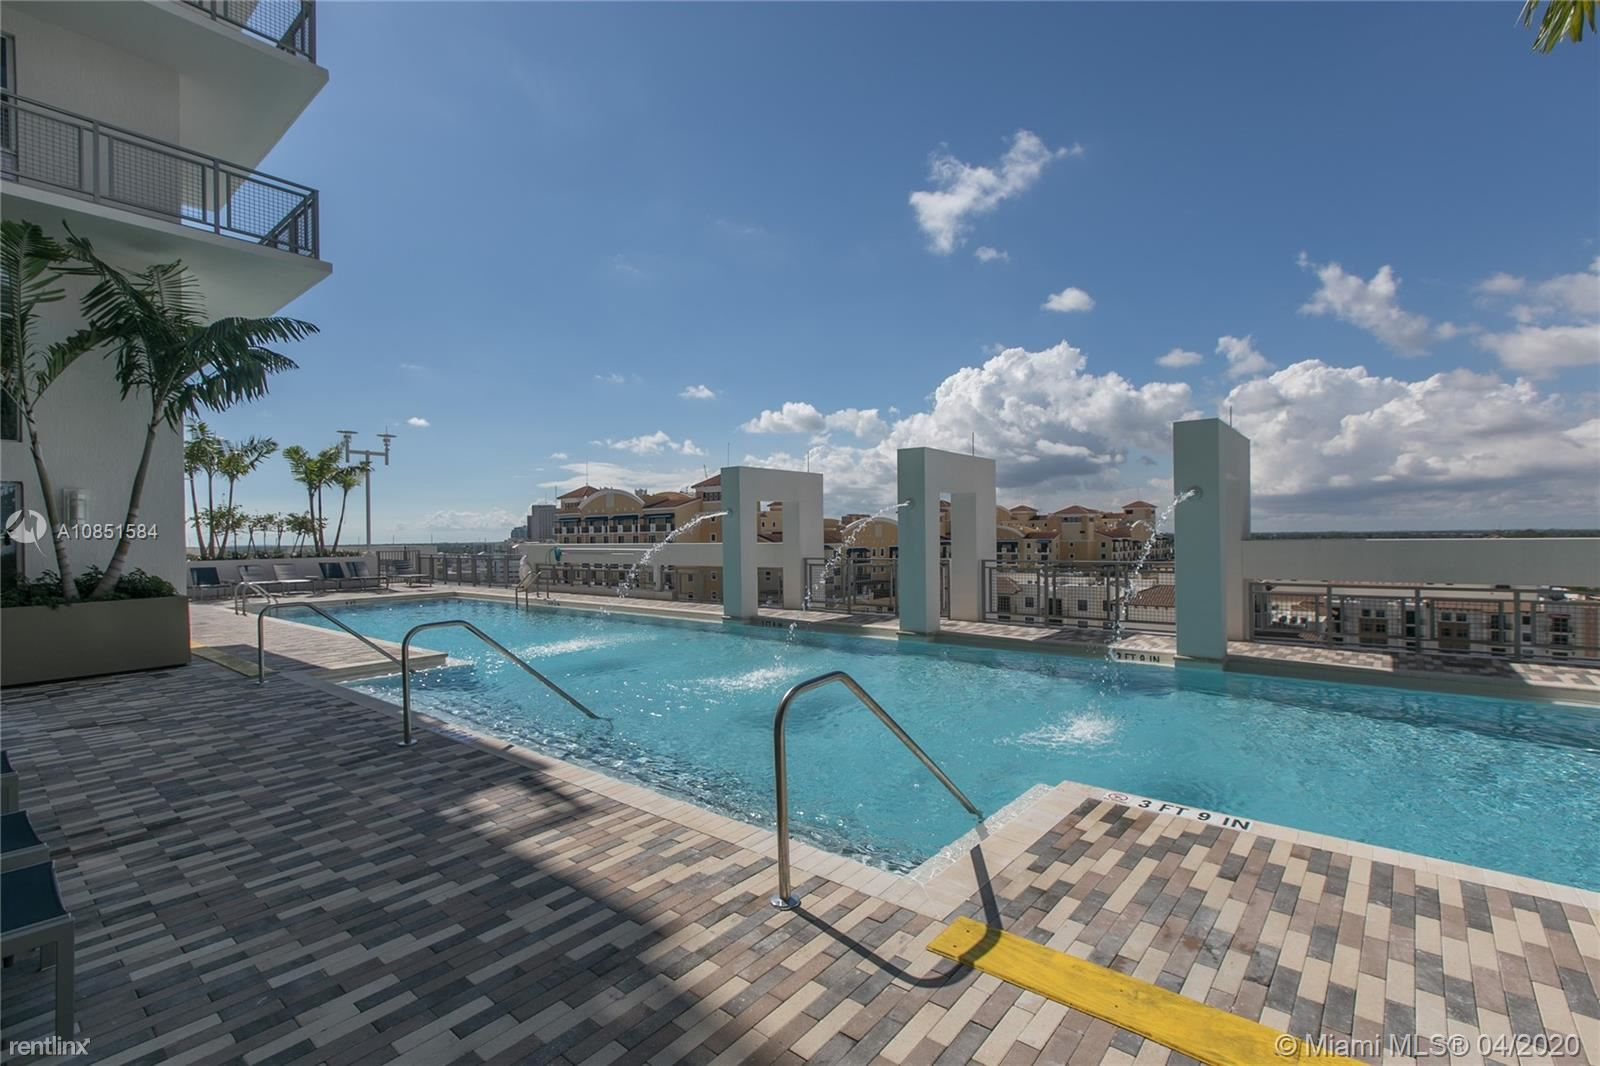 8215 SW 72nd Ave # E614, South Miami, FL - $2,743